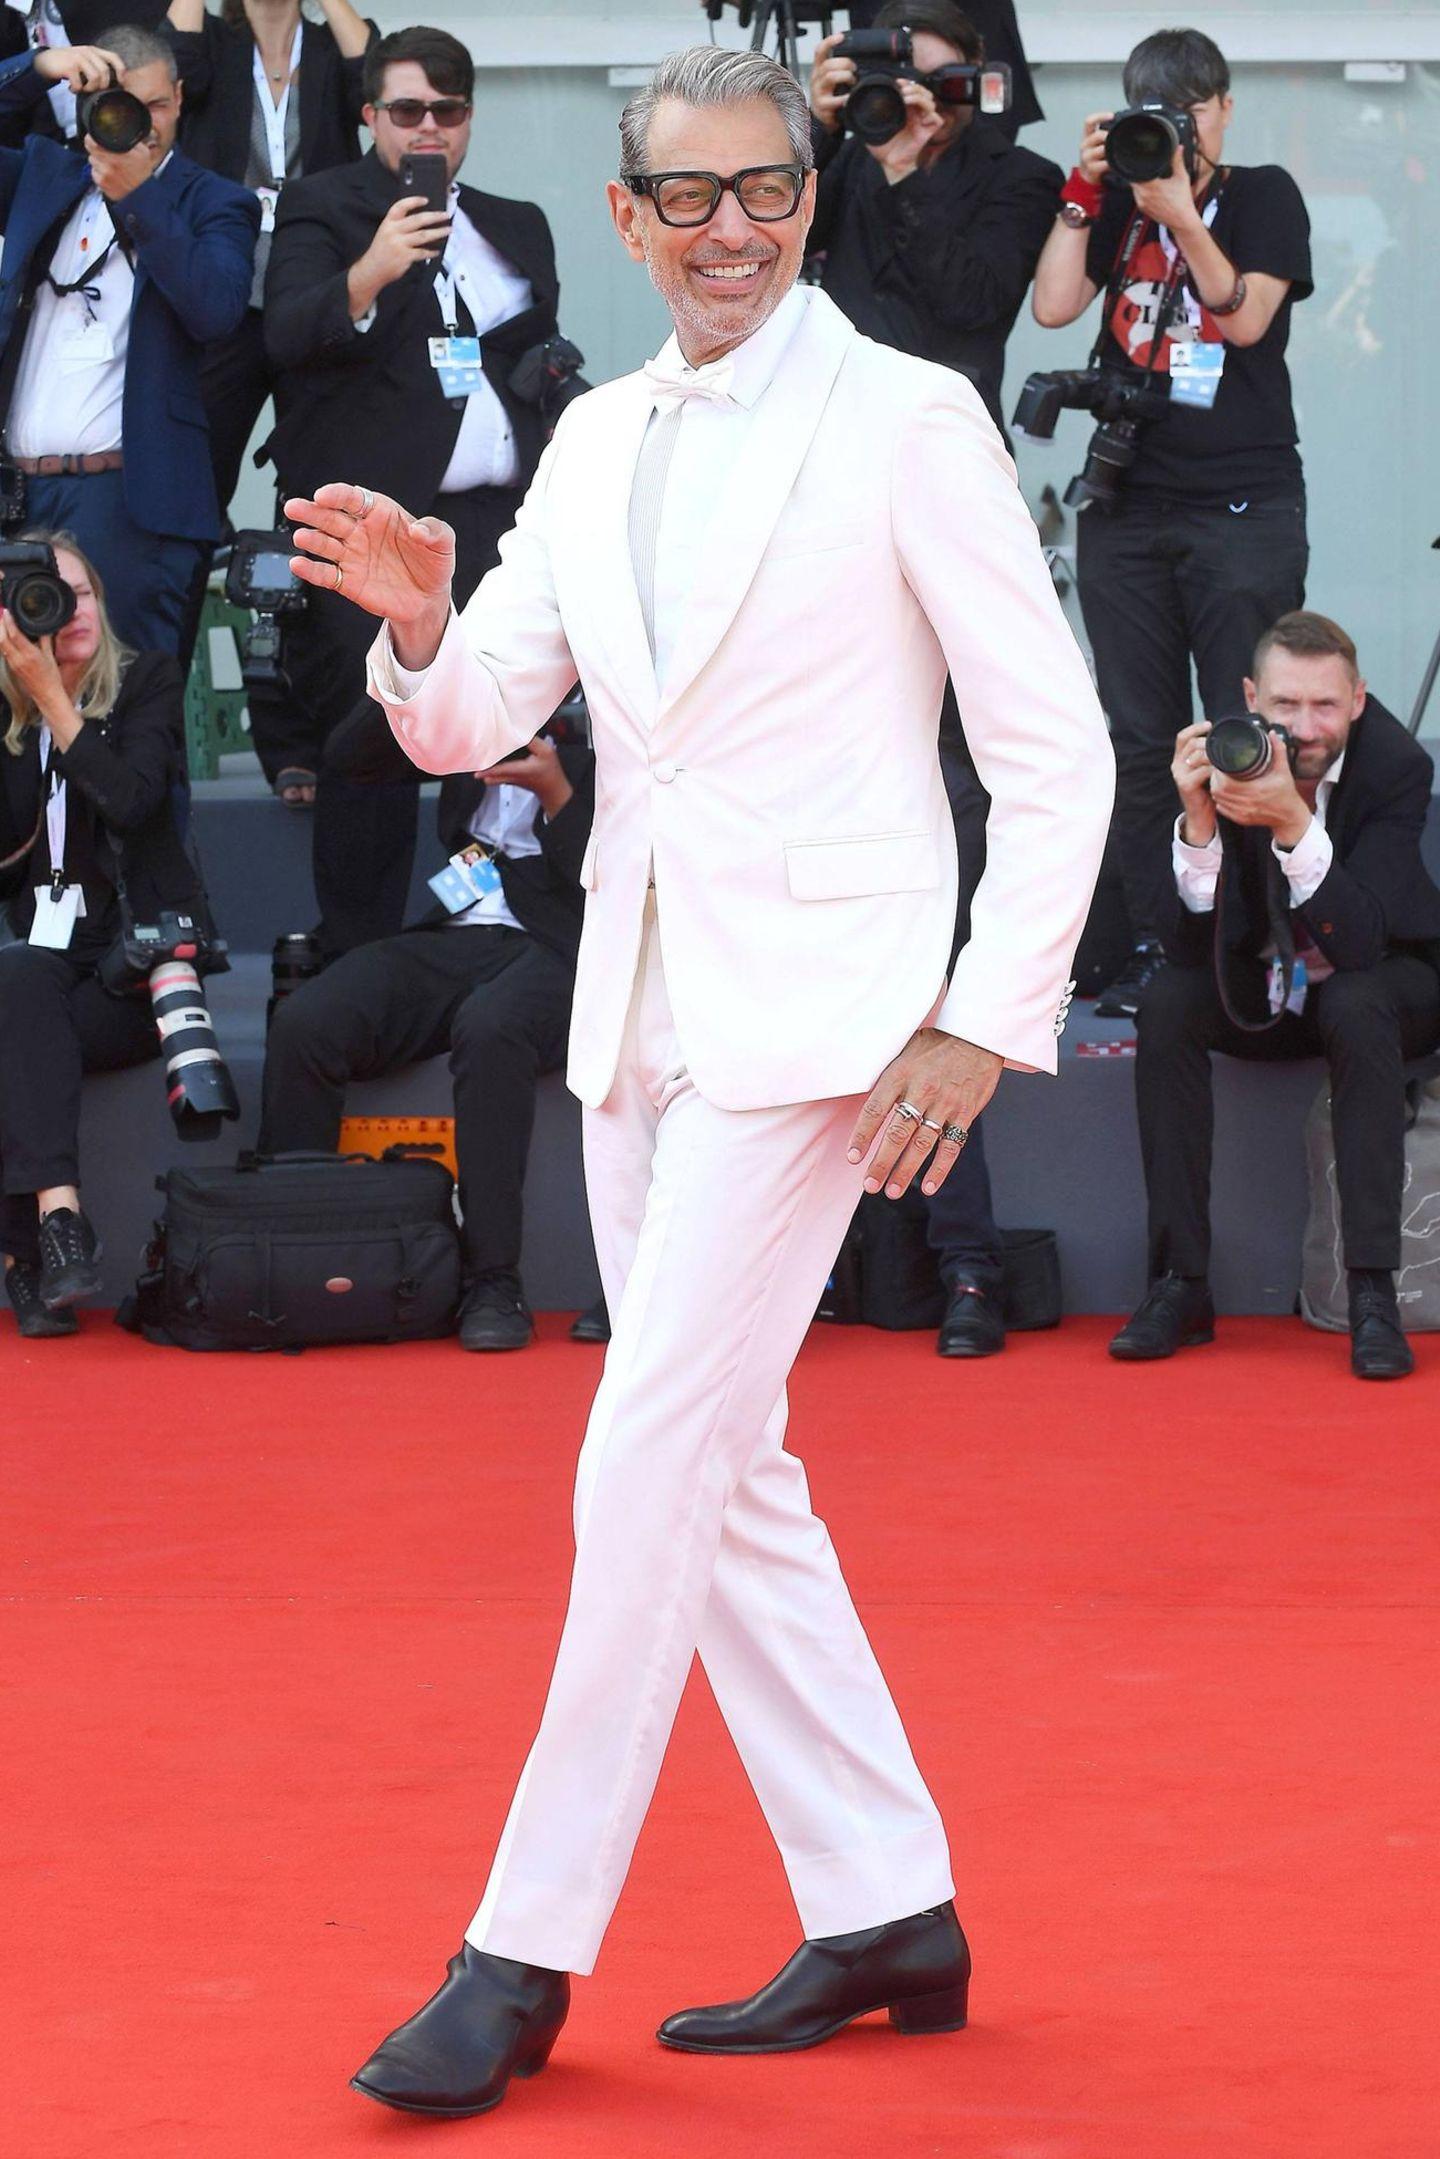 """Heute schreitet Jeff Goldblum in seiner lässigen Art über rote Teppiche. 1986 gelang ihm mit seiner Hauptrolle in """"Die Fliege"""" der Durchbruch. Seitdem hat der Schauspieler an diversen erfolgreichen Filmen wie """"Jurassic Park"""", """"Independence Day"""" oder """"Grand Budapest Hotel"""" mitgewirkt."""